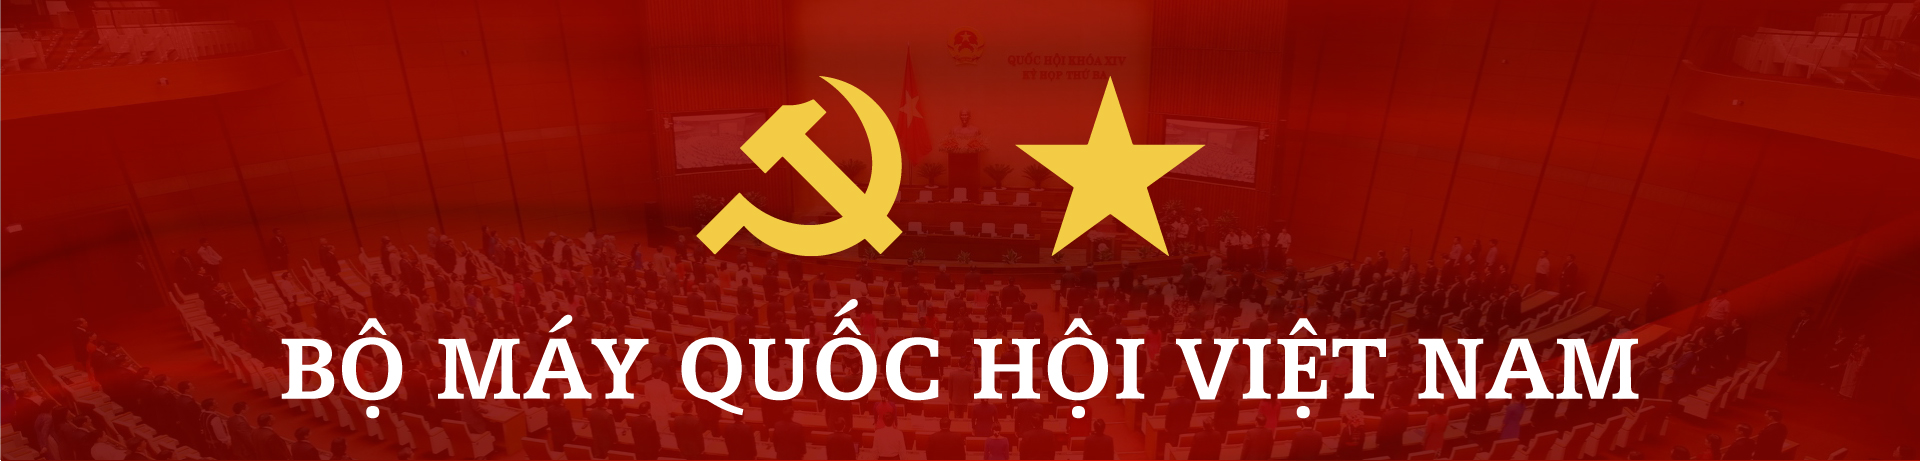 Bộ máy Quốc hội Việt Nam sau khi kiện toàn